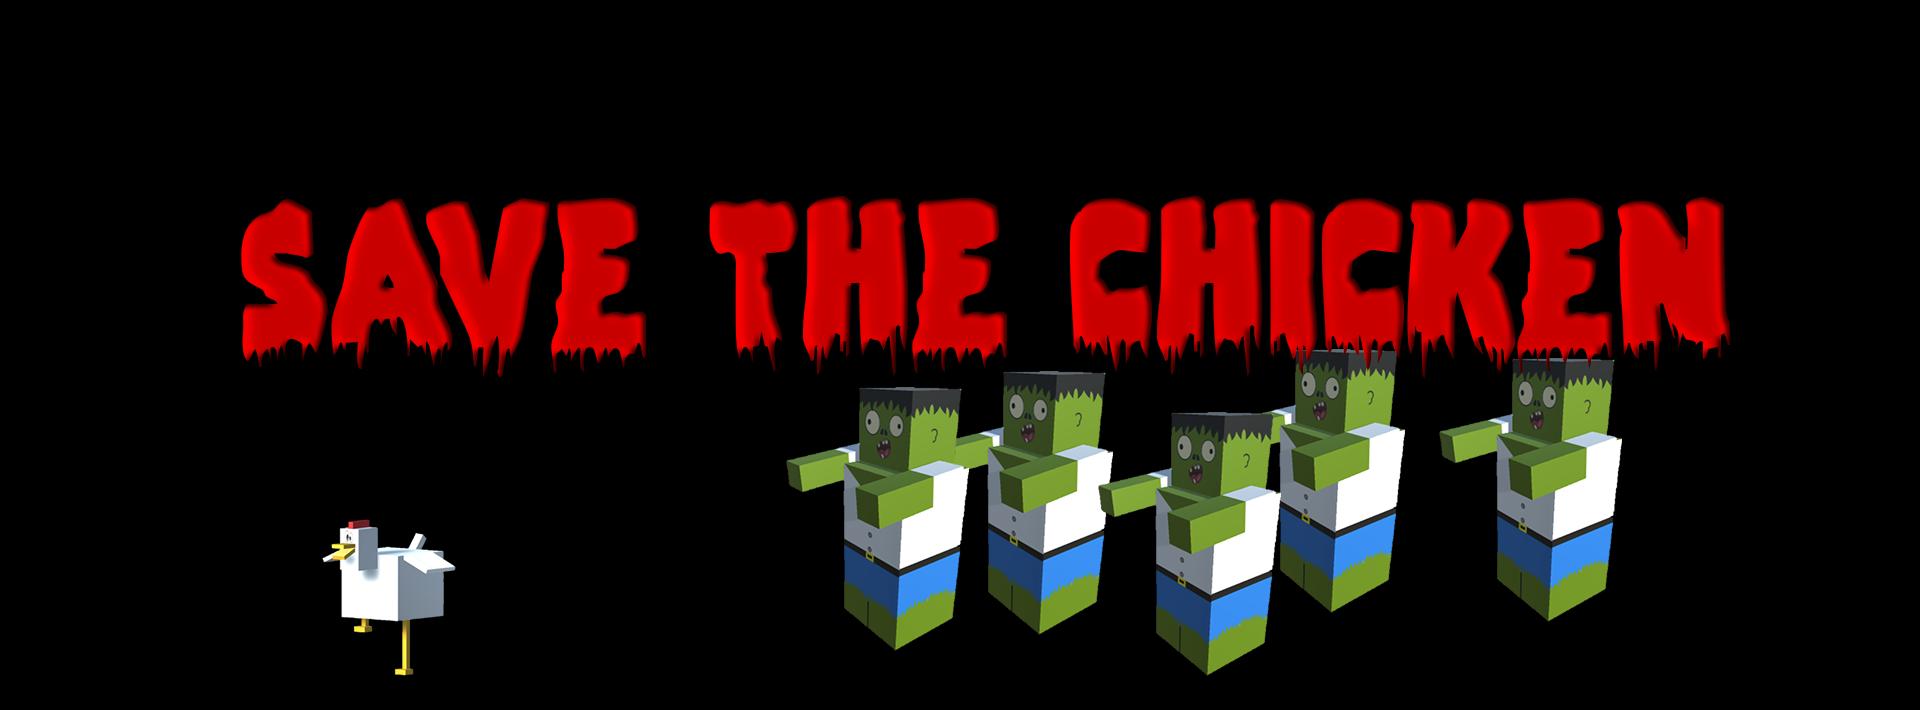 Save the chicken